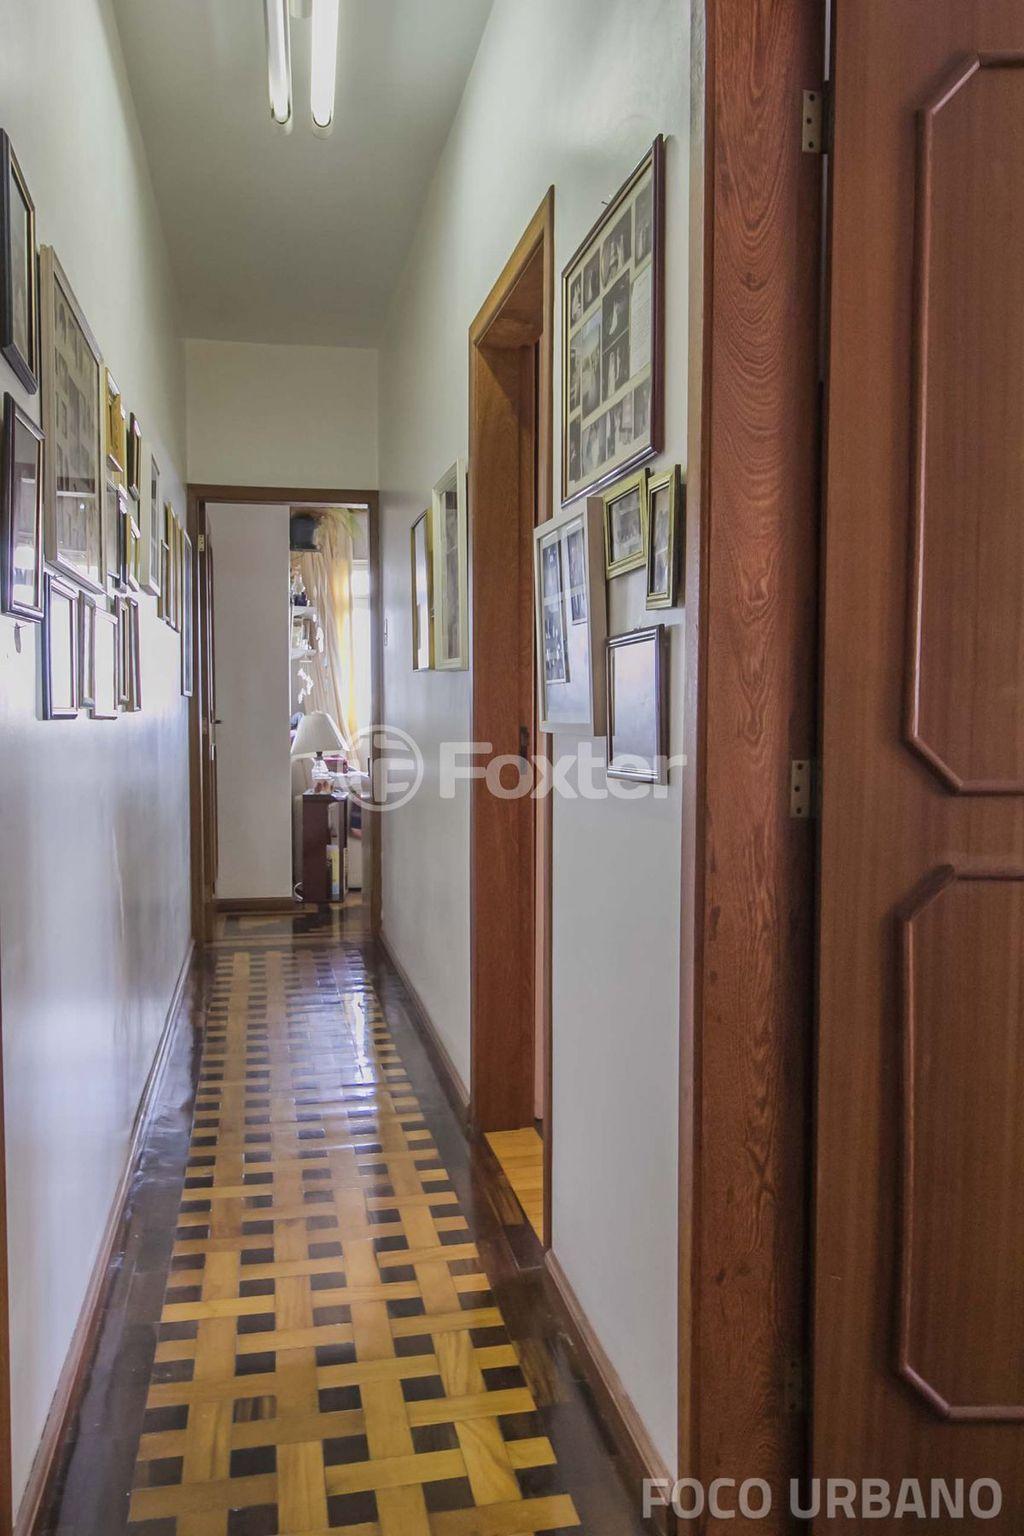 Foxter Imobiliária - Apto 3 Dorm, Bom Fim (142075) - Foto 7